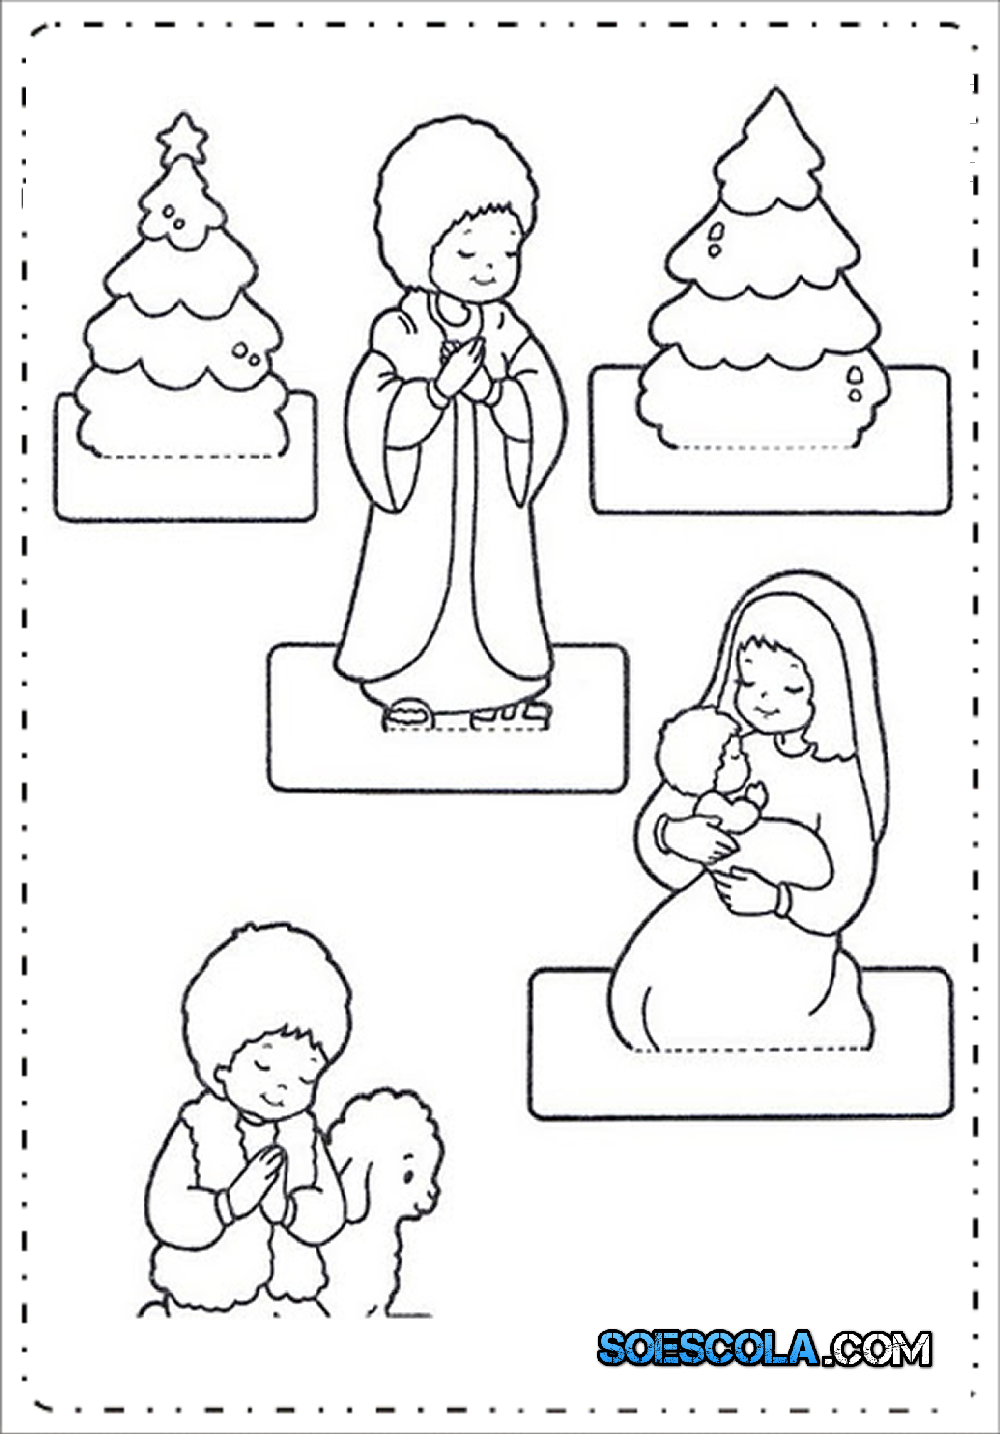 Moldes De Presepio De Natal Para Imprimir E Montar Modelos Em